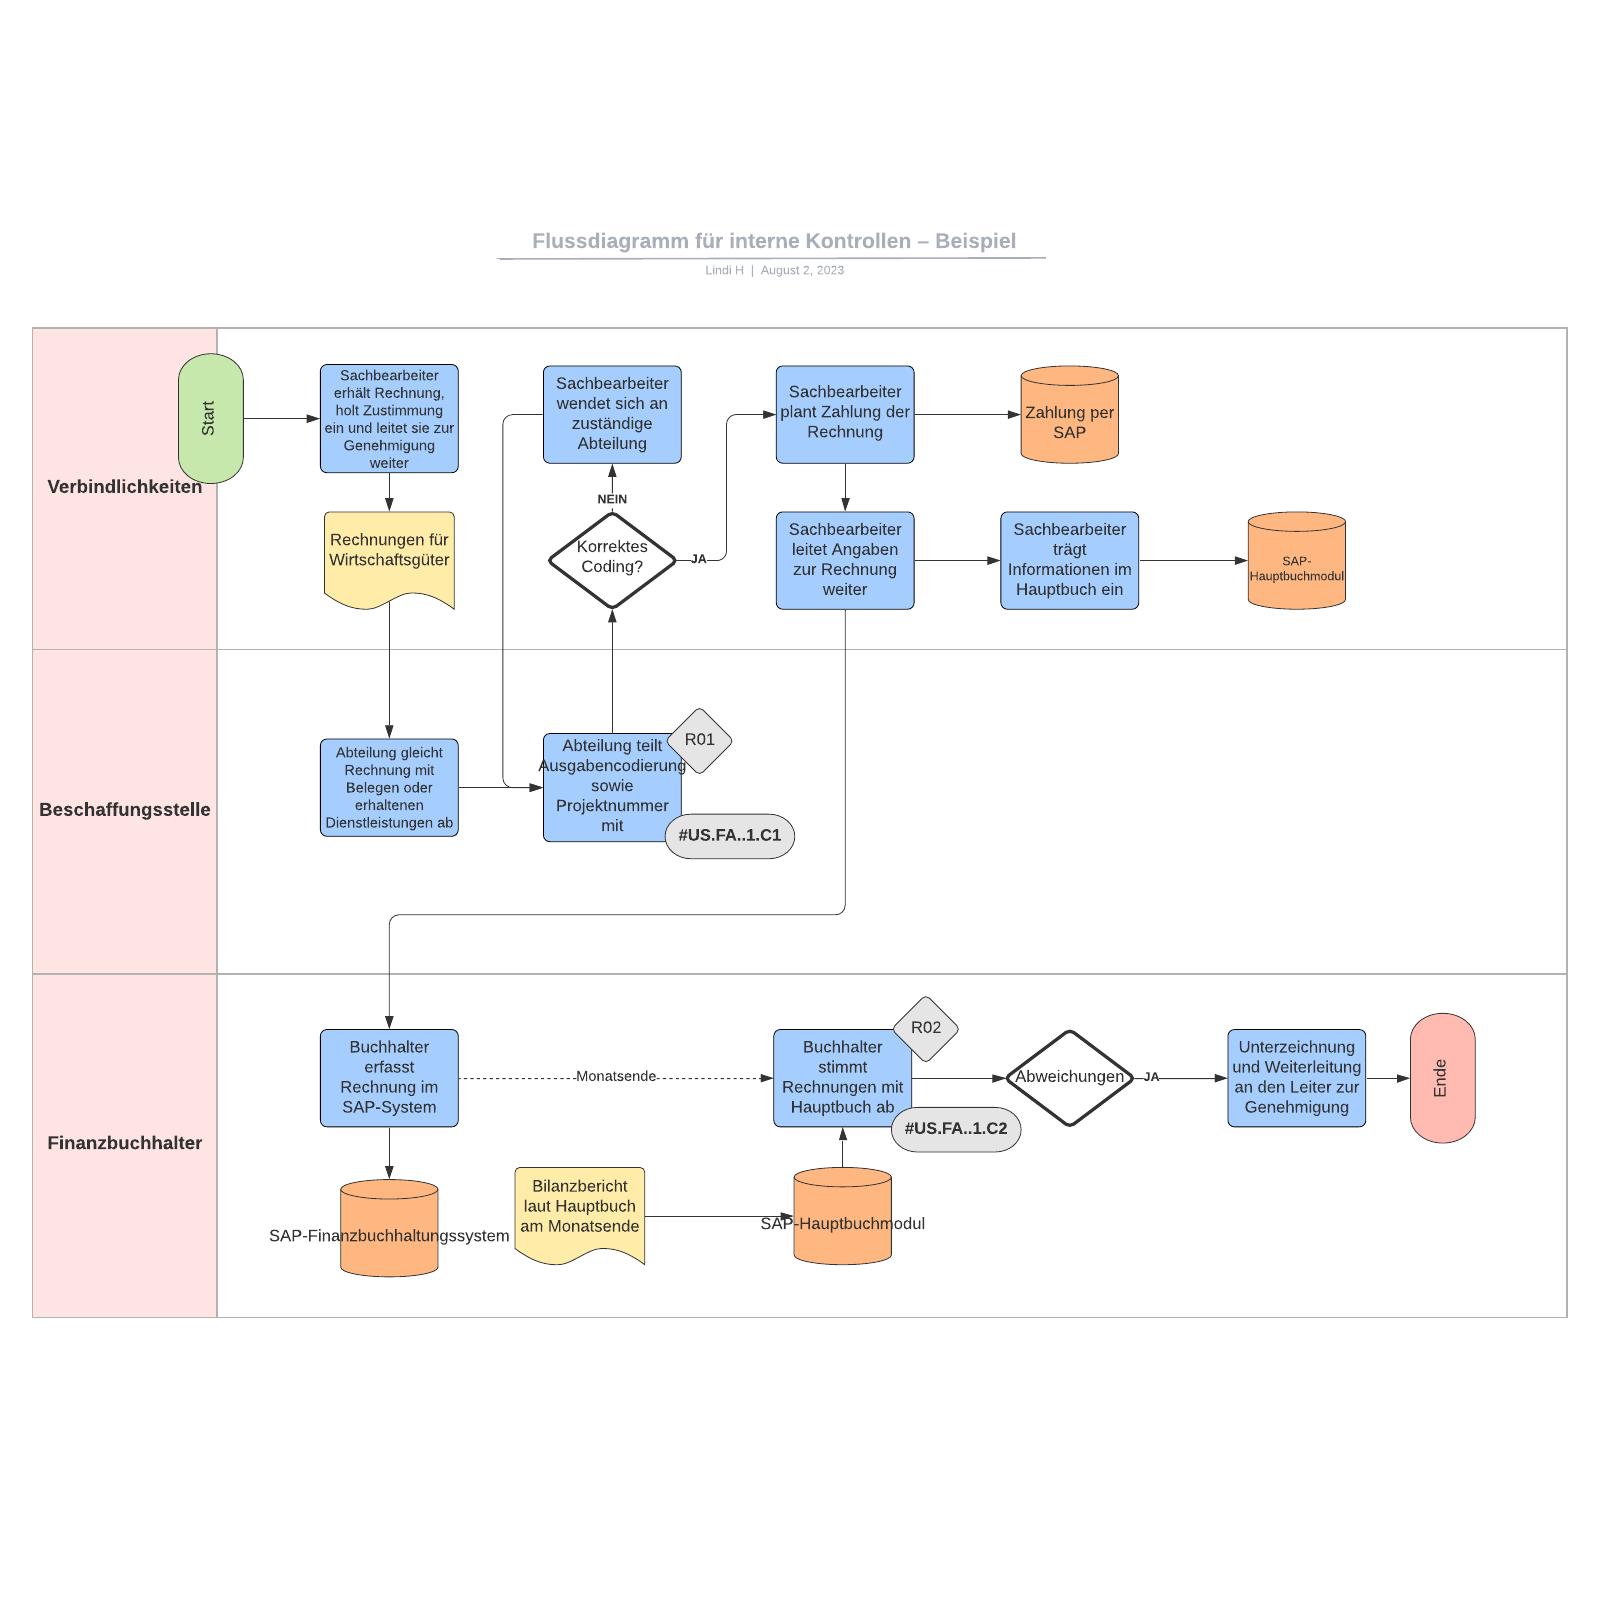 Flussdiagramm für interne Kontrollen – Beispiel